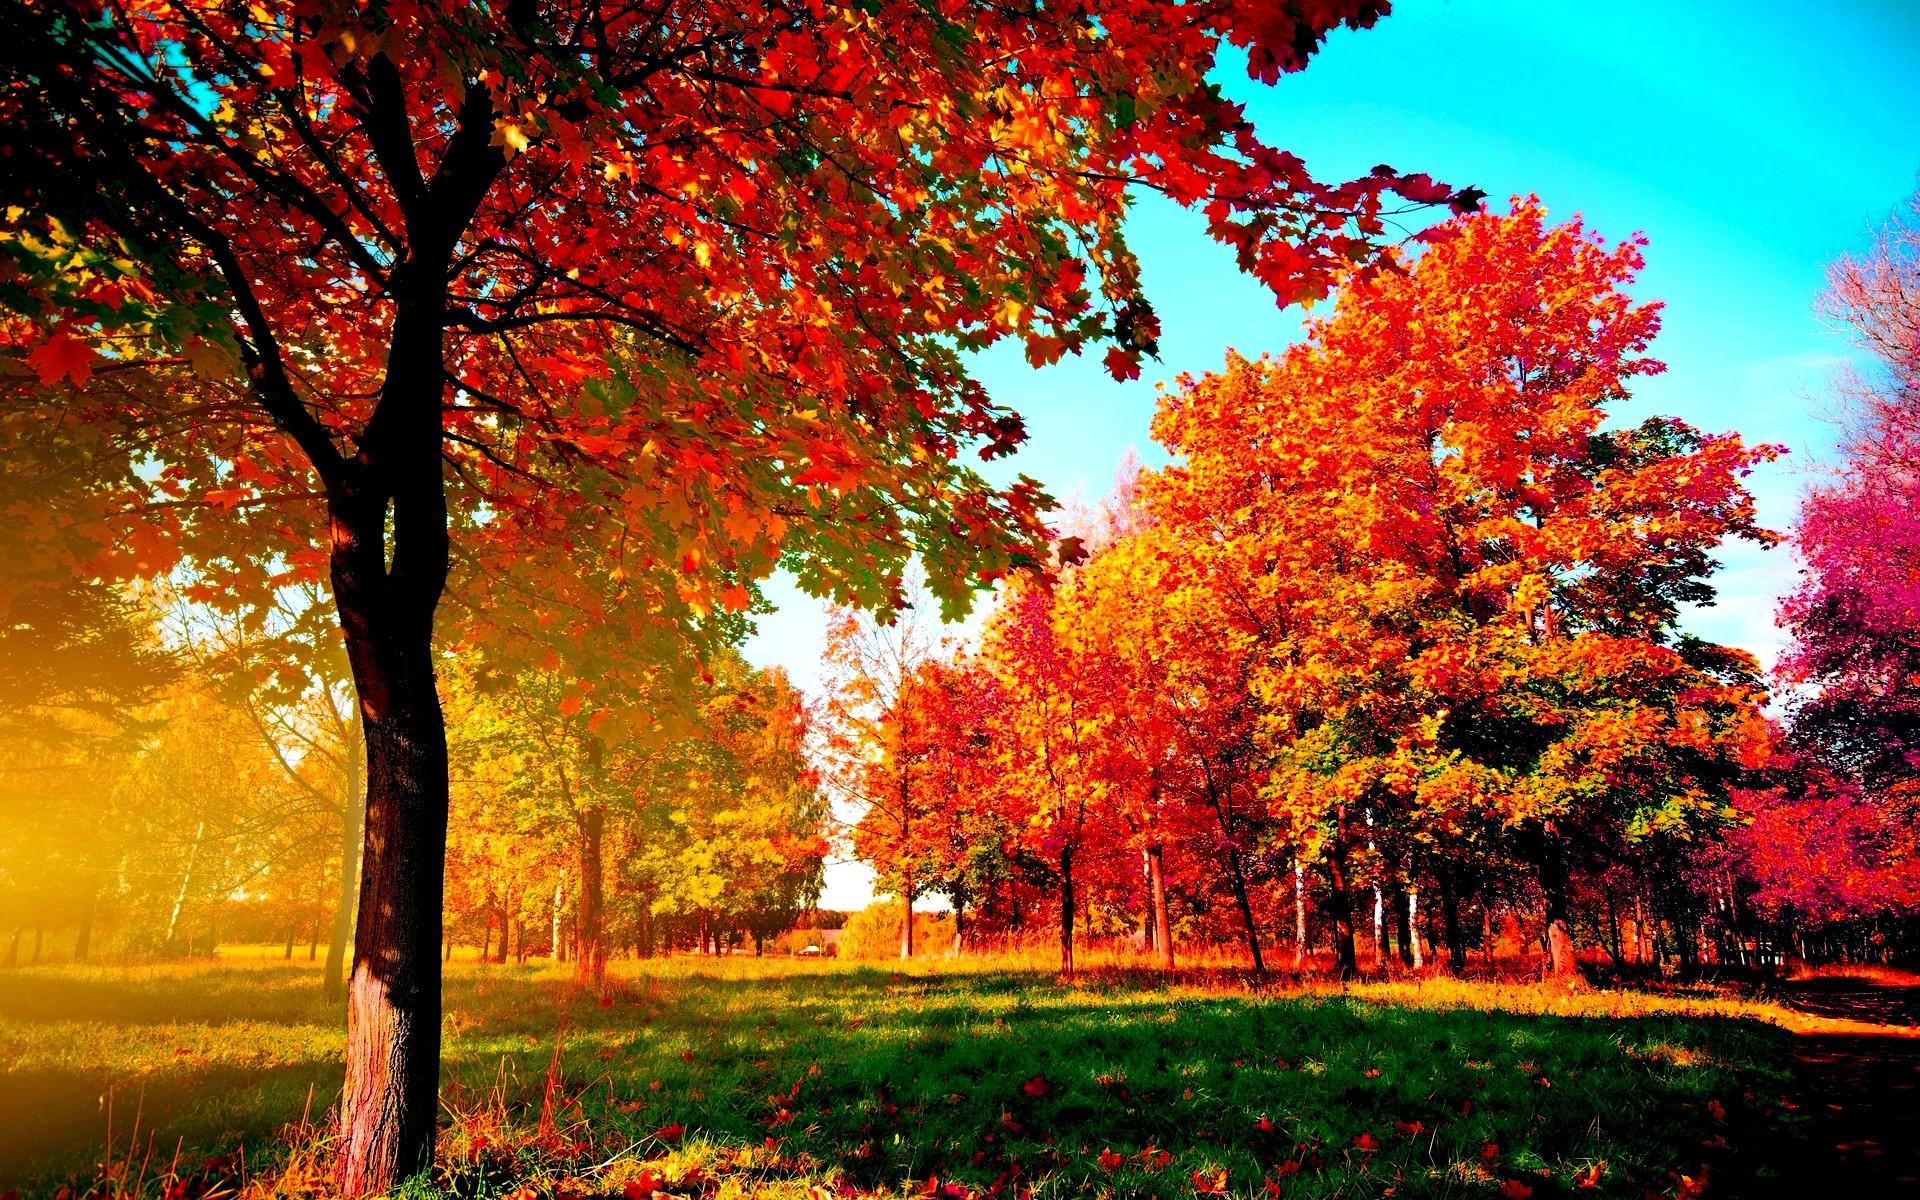 Autumn Trees wallpaper free